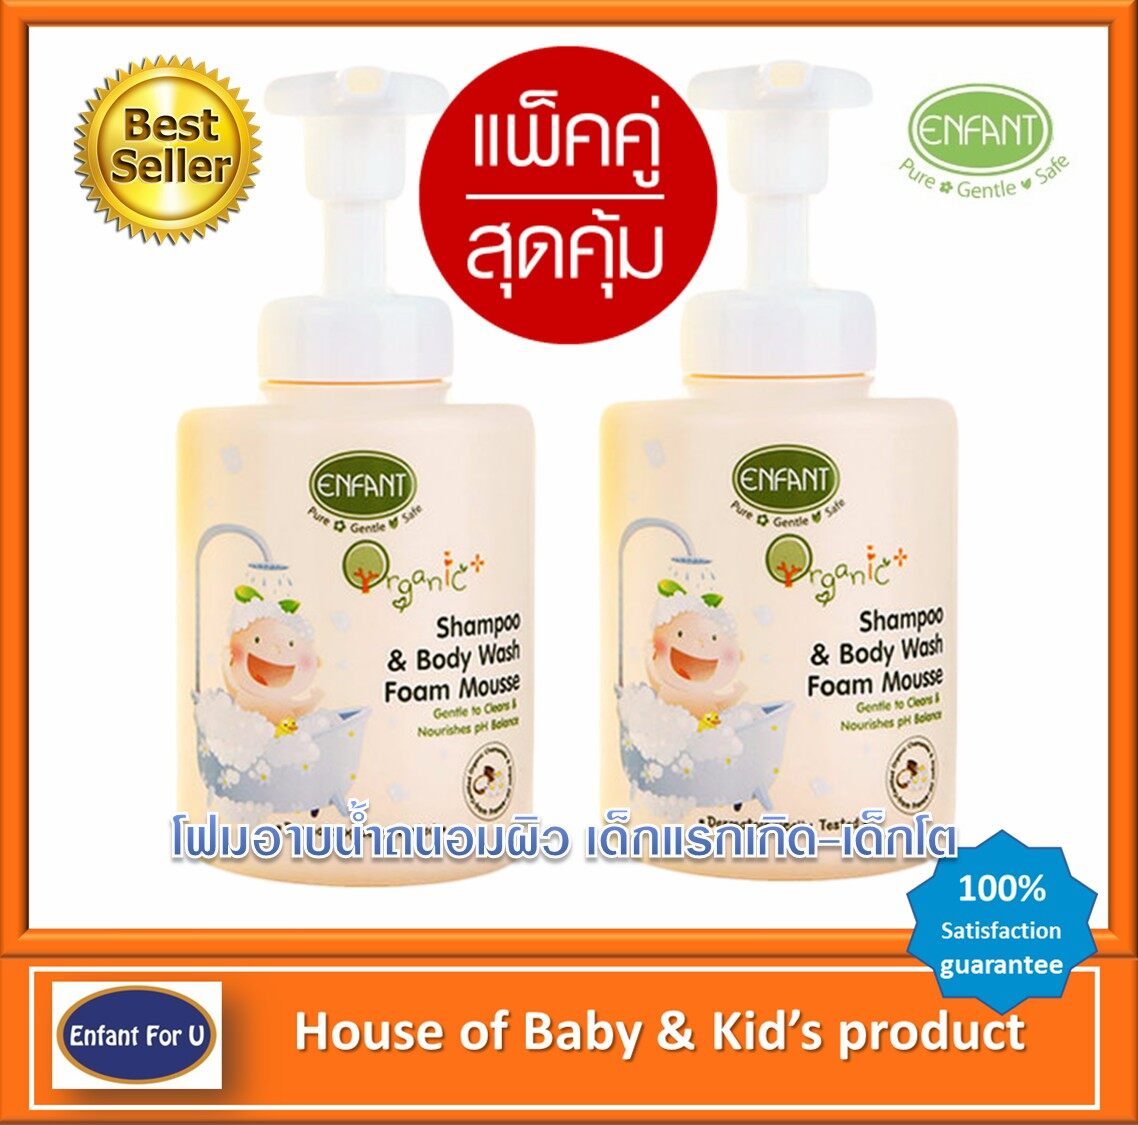 รีวิว สุดคุ้ม โฟมอาบน้ำเด็ก สระผมเด็ก อองฟอง ออกานิค แพ็คคู่ Enfant Organic Plus Shampoo & Body Wash Foam Mousse